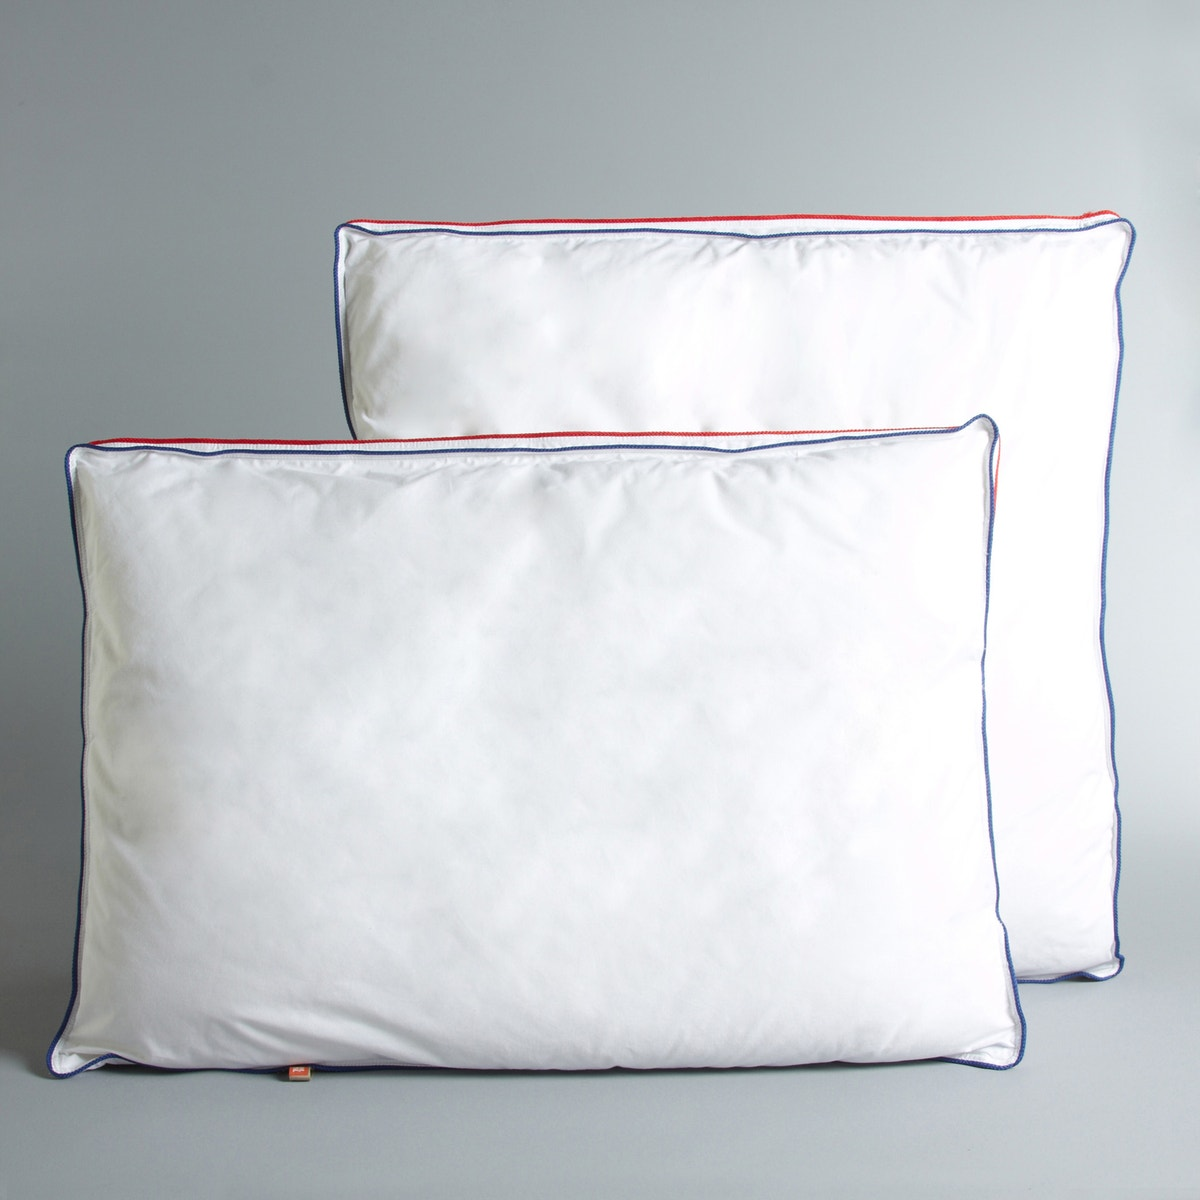 недостатки шелковой подушки